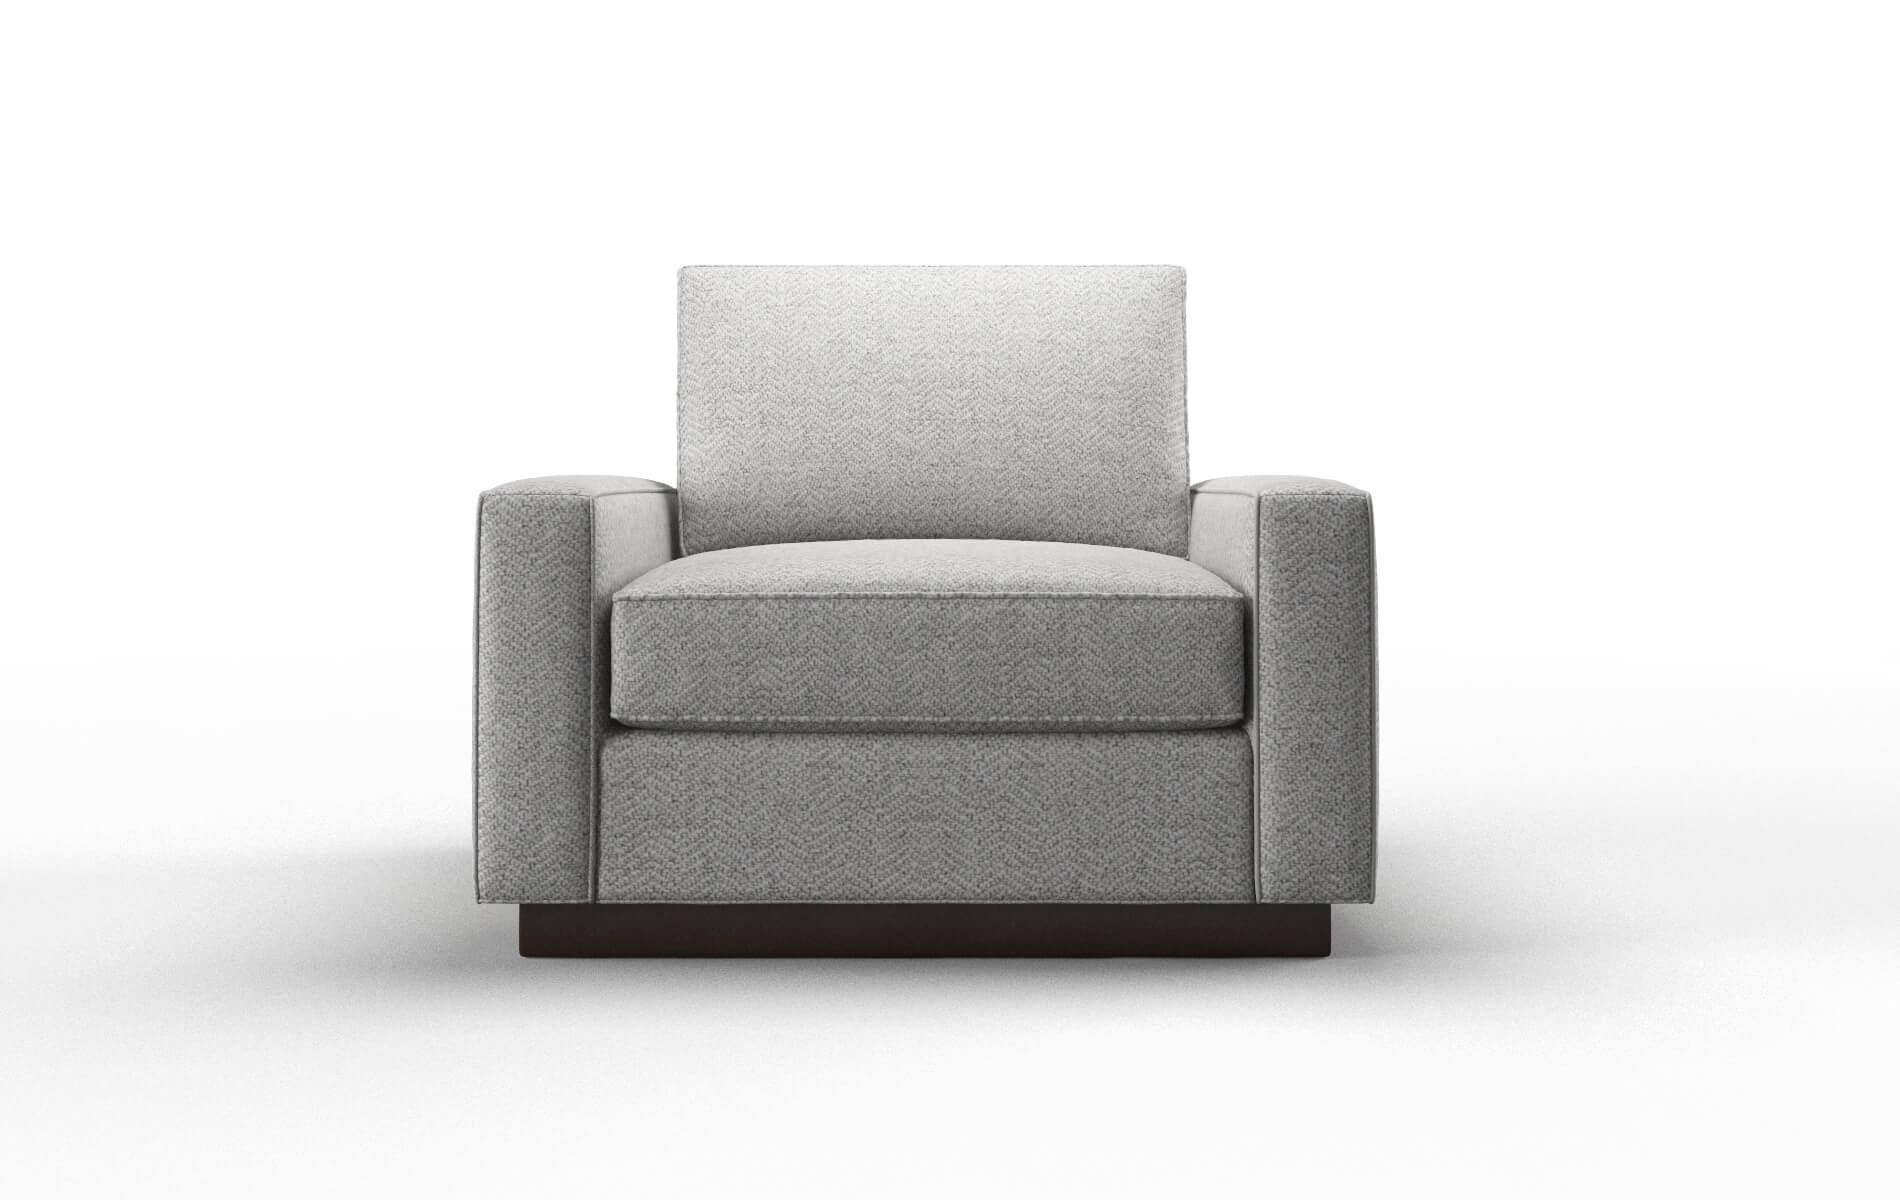 Alton Catalina Silver chair espresso legs